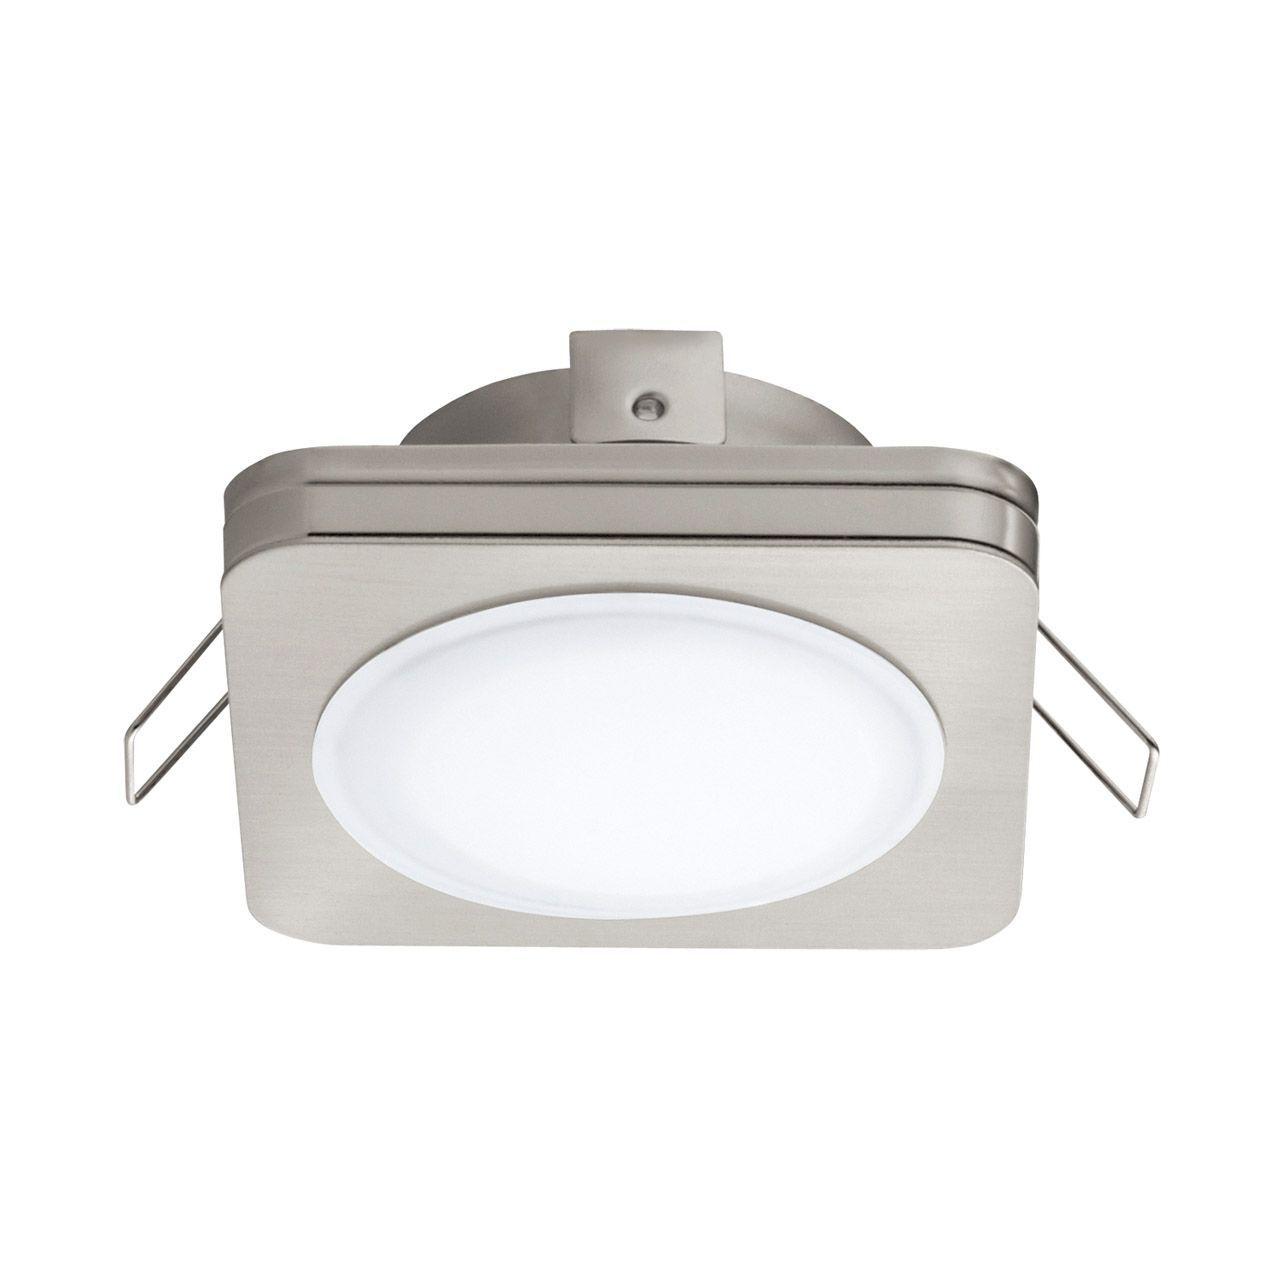 Встраиваемый светодиодный светильник Eglo Pineda 1 95921 встраиваемый светодиодный светильник eglo pineda 95868